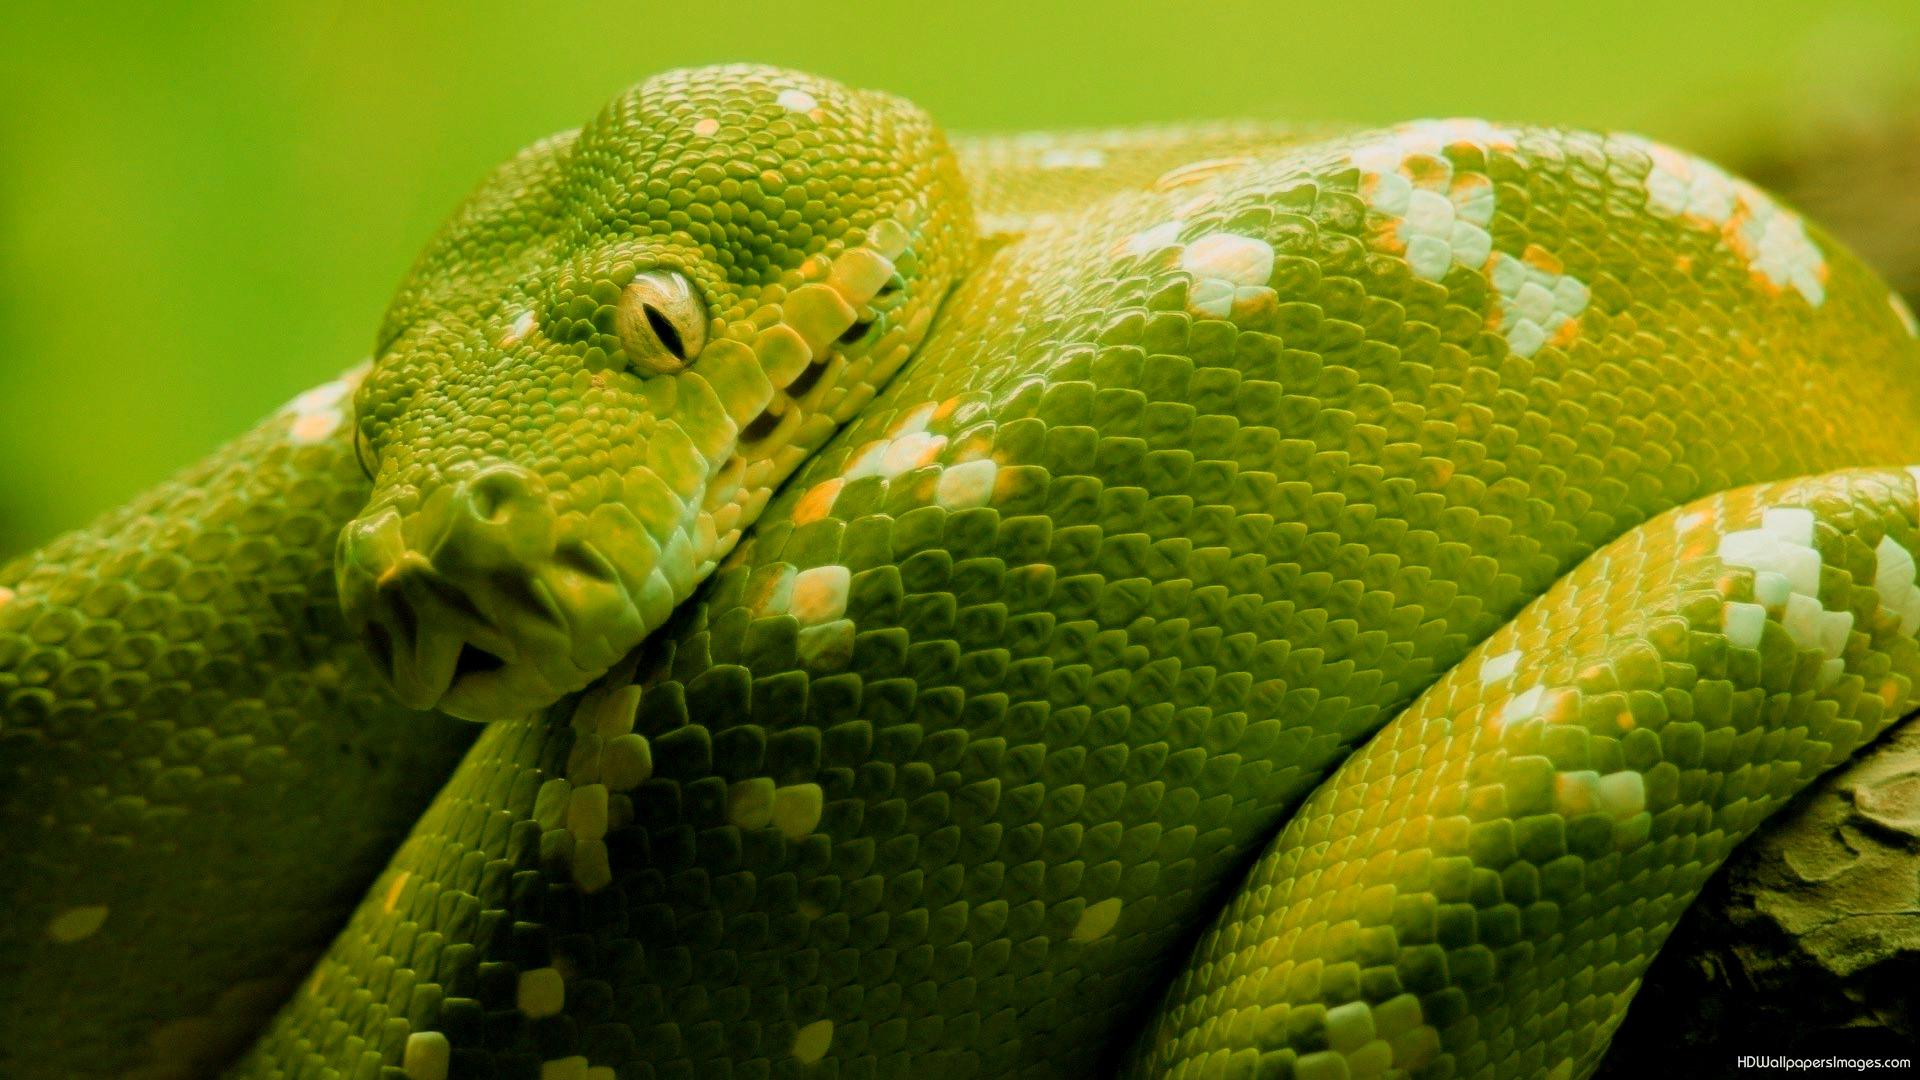 Змея картинки на фоне